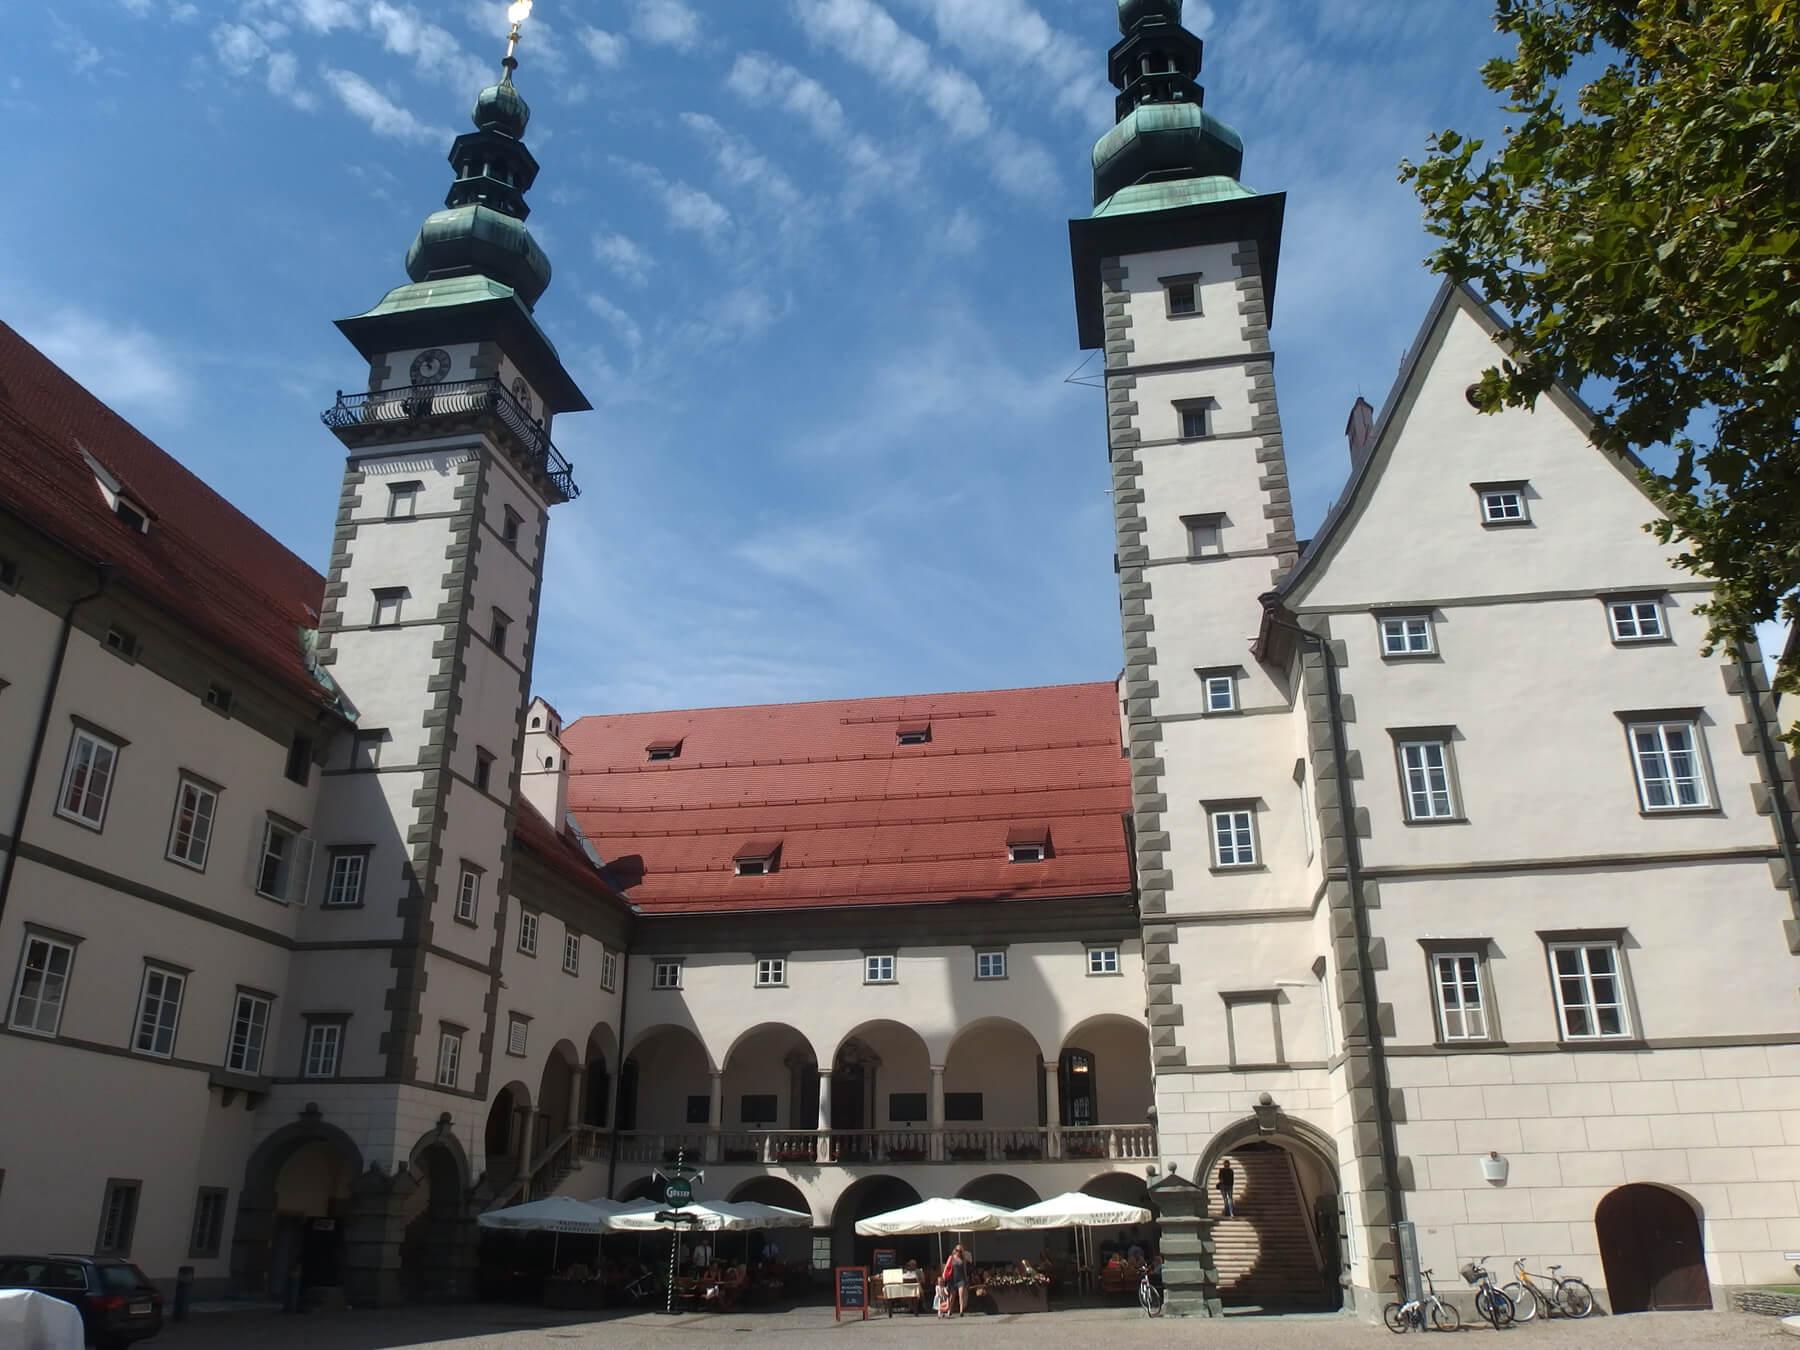 Региональная резиденция правительства — Landhaus